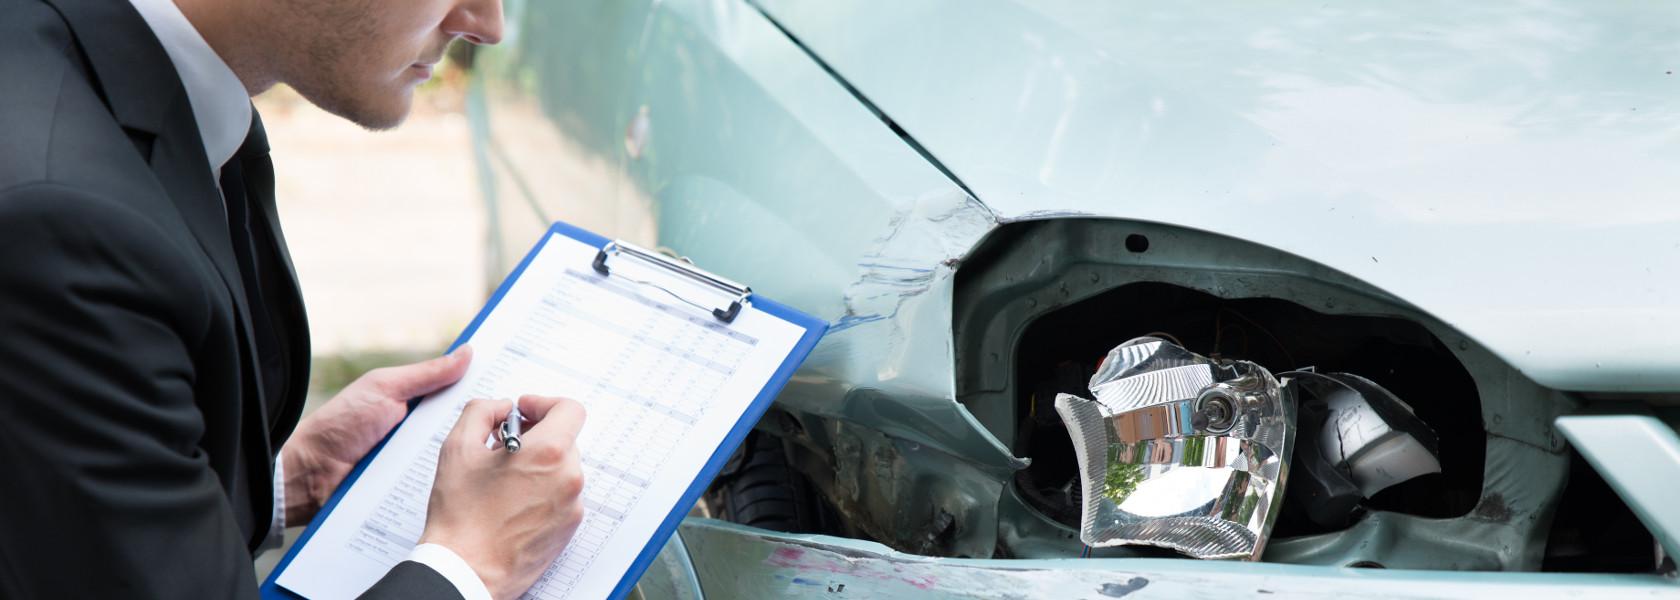 תפקידו של בוחן תאונות דרכים